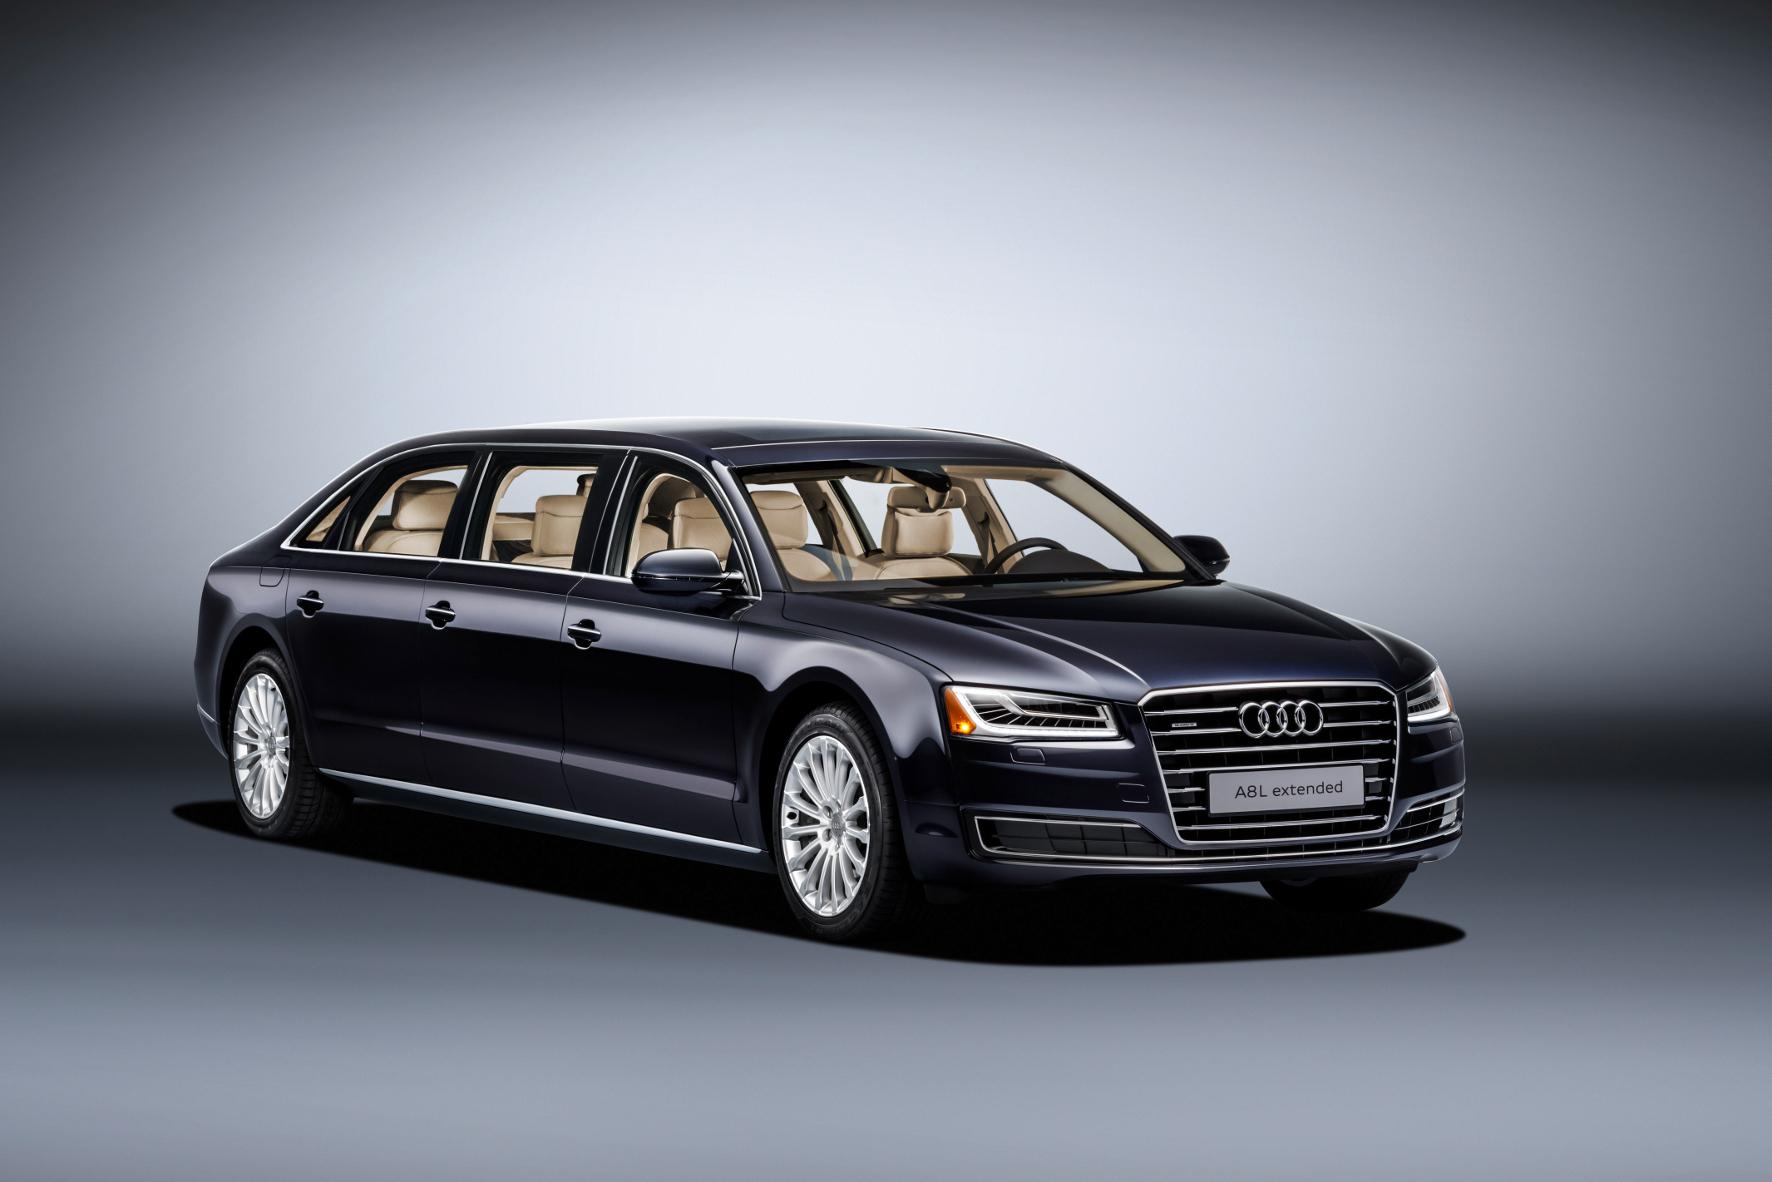 mid Groß-Gerau - 6,36 Meter lang, 2,4 Tonnen schwer und im Stile der Pullmann-Staatskarossen von Mercedes-Benz mit sechs Türen: der Audi A8 L extended.